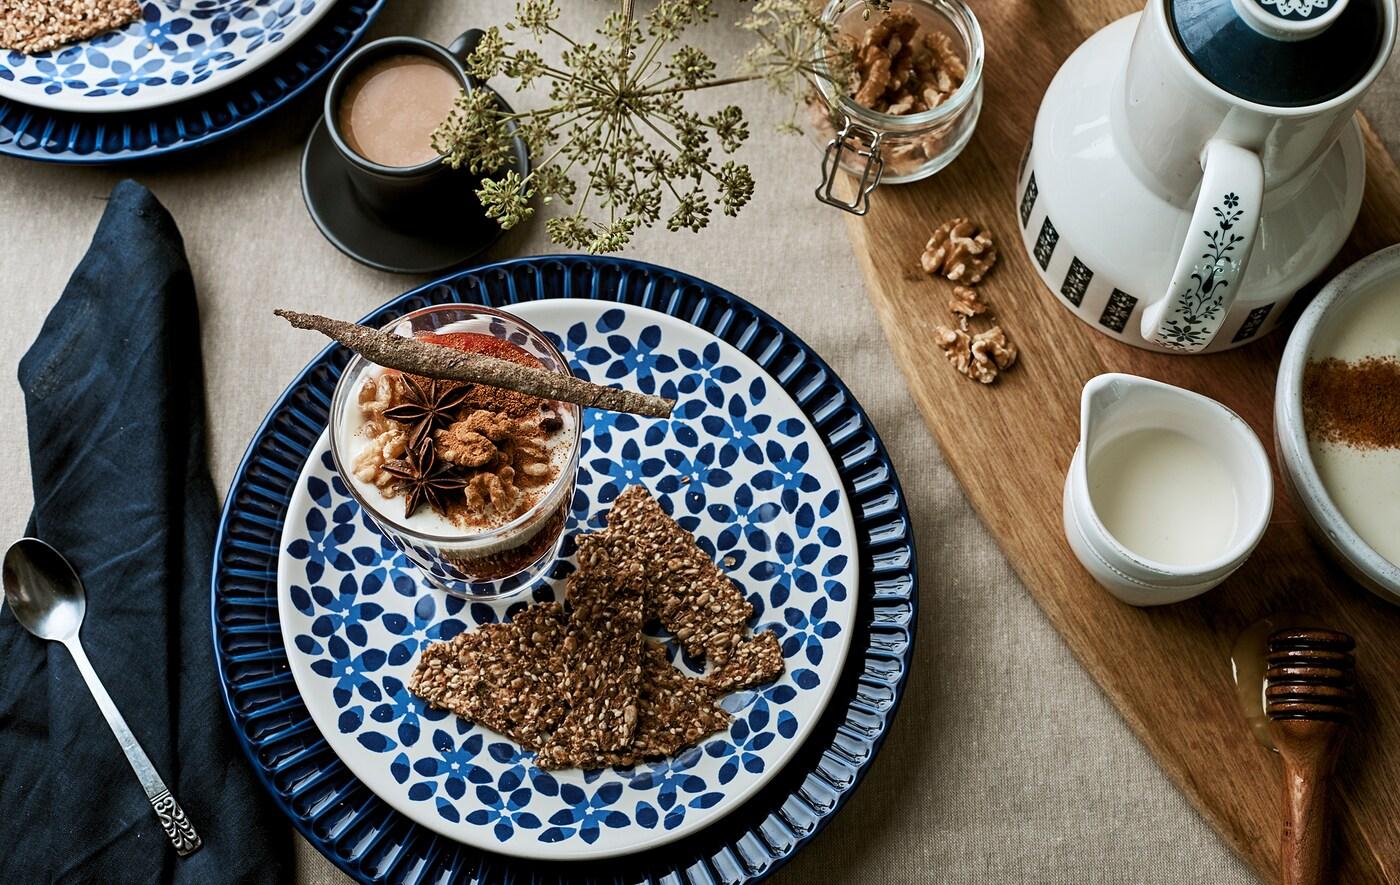 Reggelihez megterített asztal terítővel, kék mintás tányérokkal, granola pohárban, és kávé a vágódeszkán.